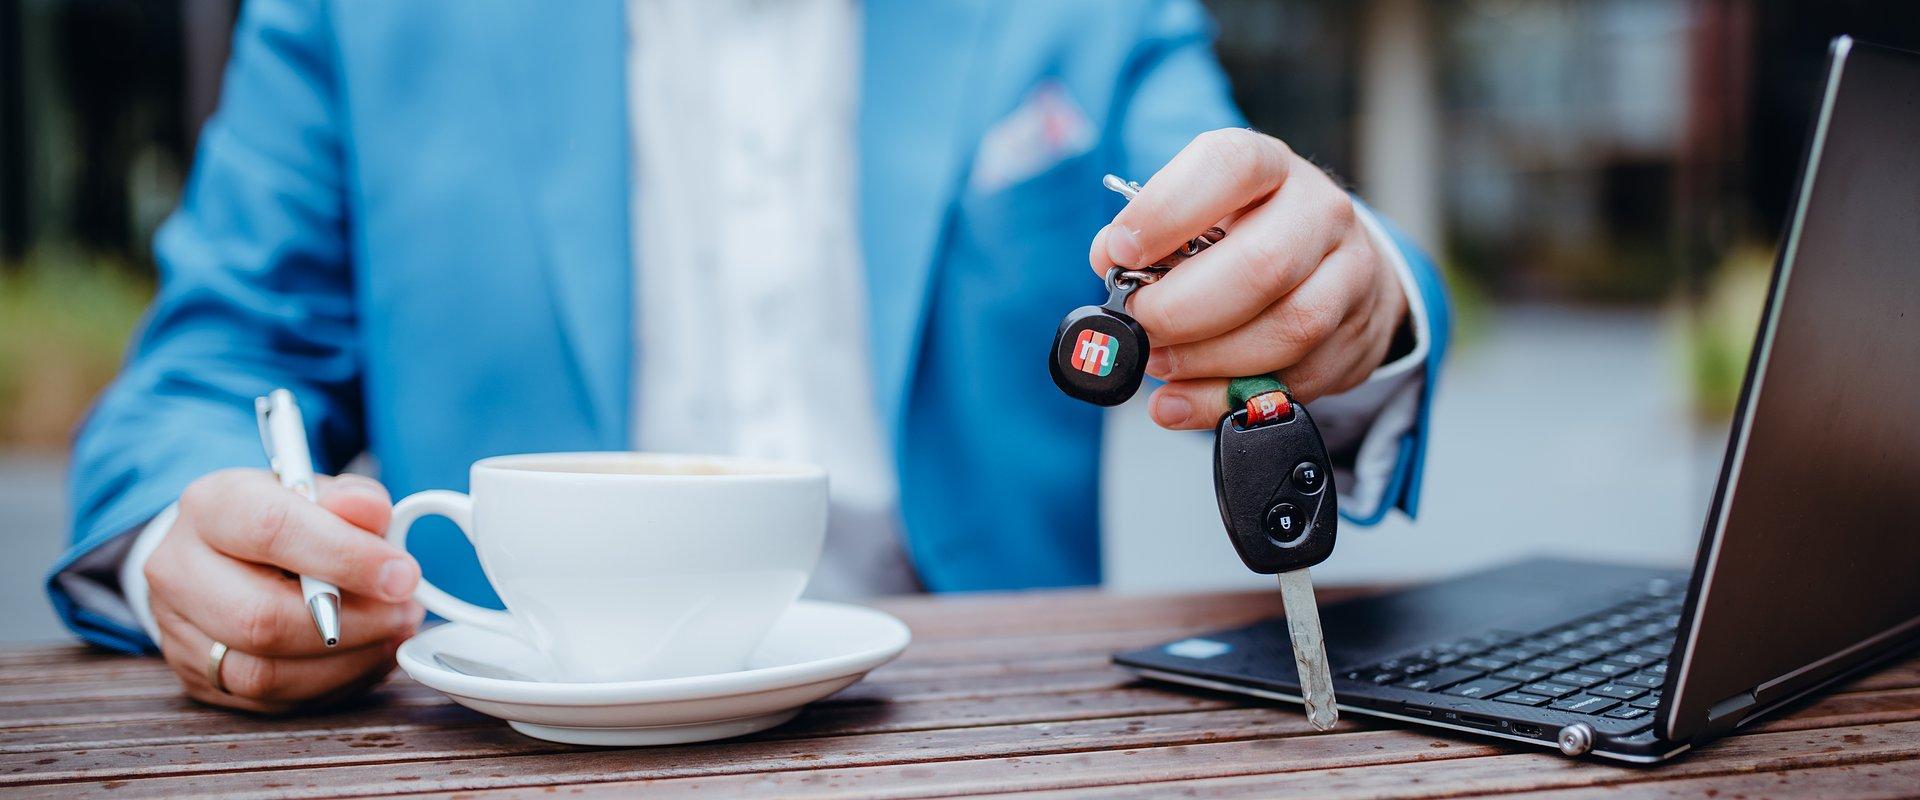 mLeasing uruchamia sprzedaż samochodów online